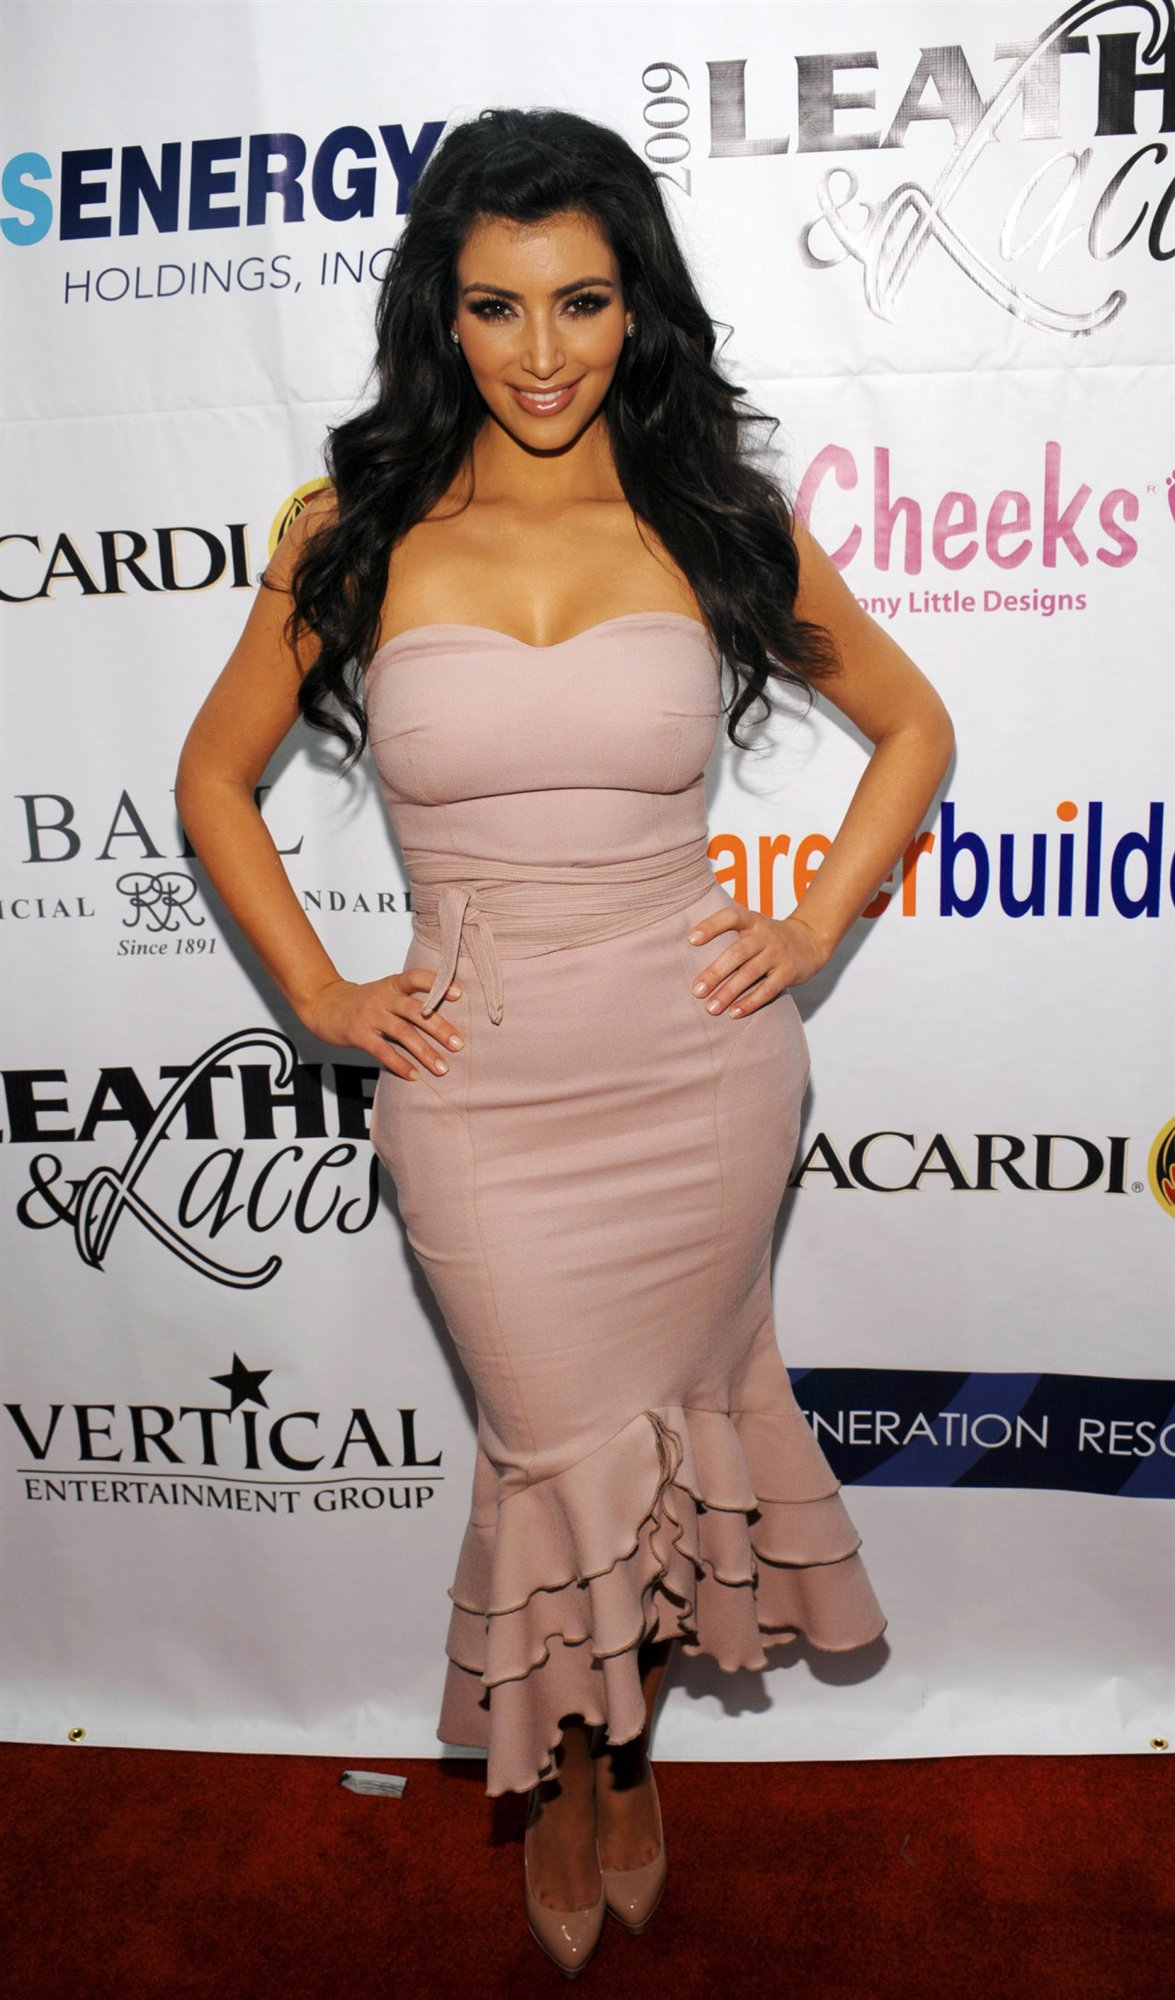 Kim Kardashian leaked wallpapers